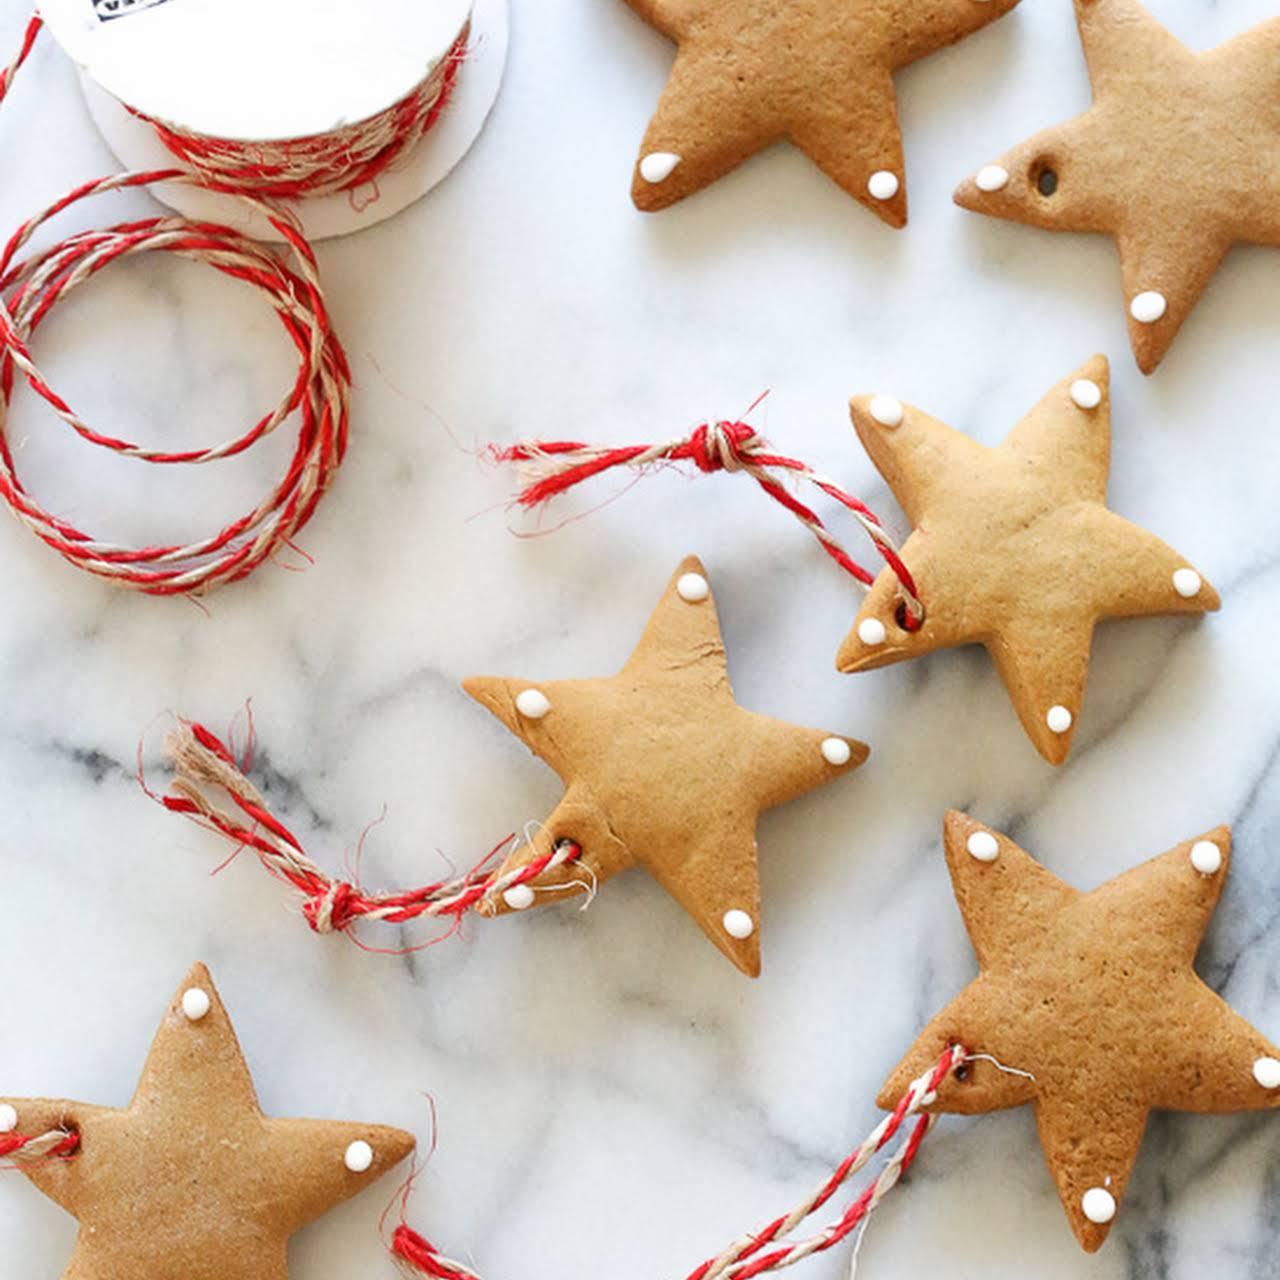 DIY Gingerbread Tree Ornaments